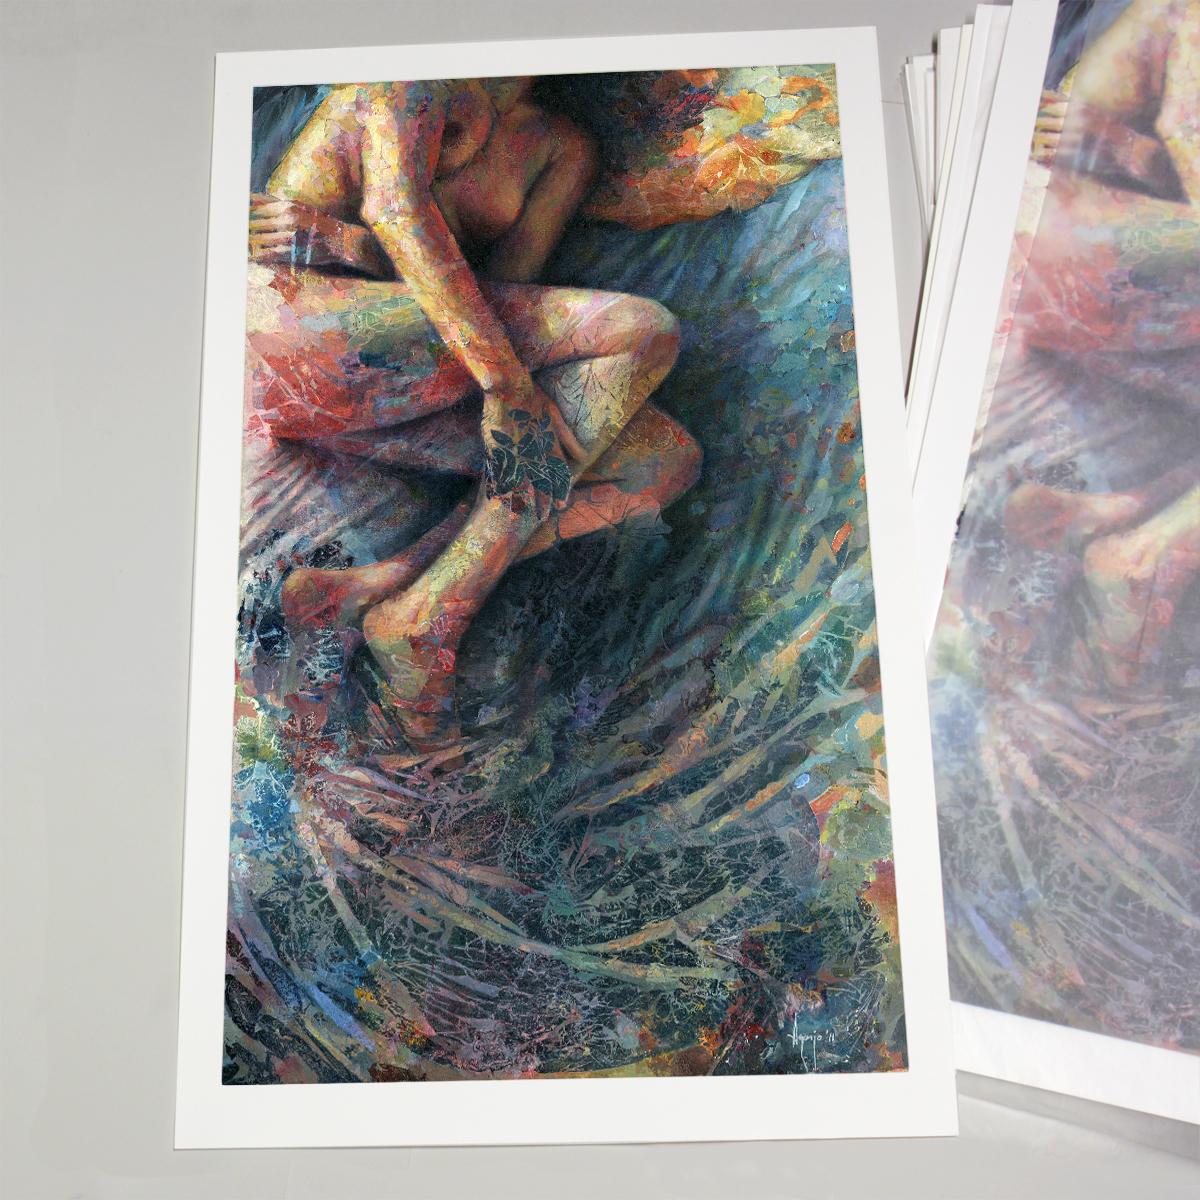 Colorful print by David Agenjo